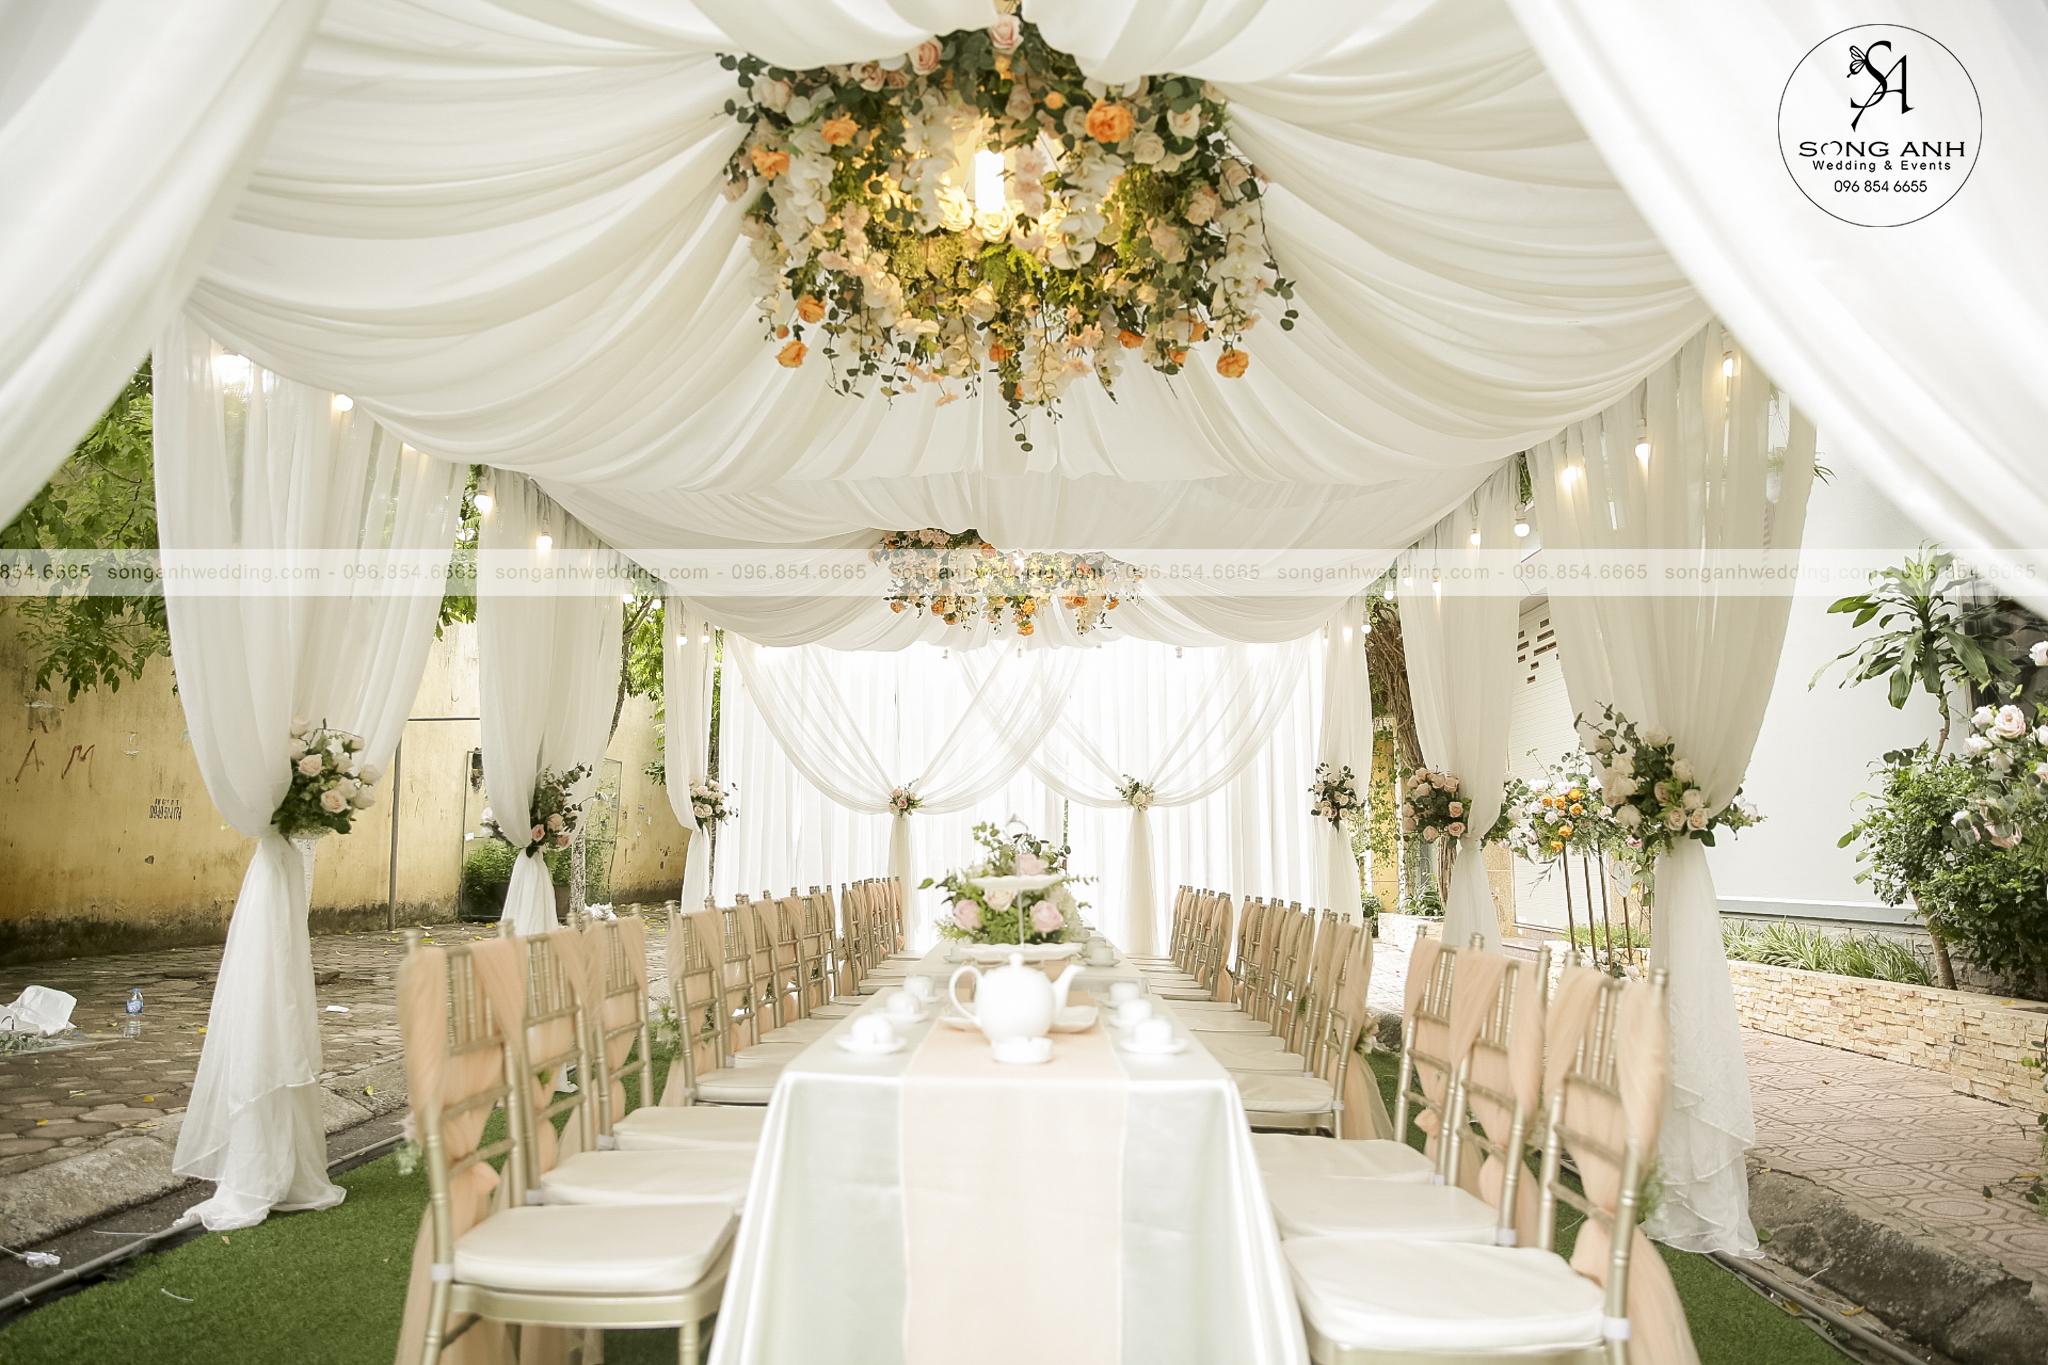 trang trí tiệc cưới dấu ấn cá nhân